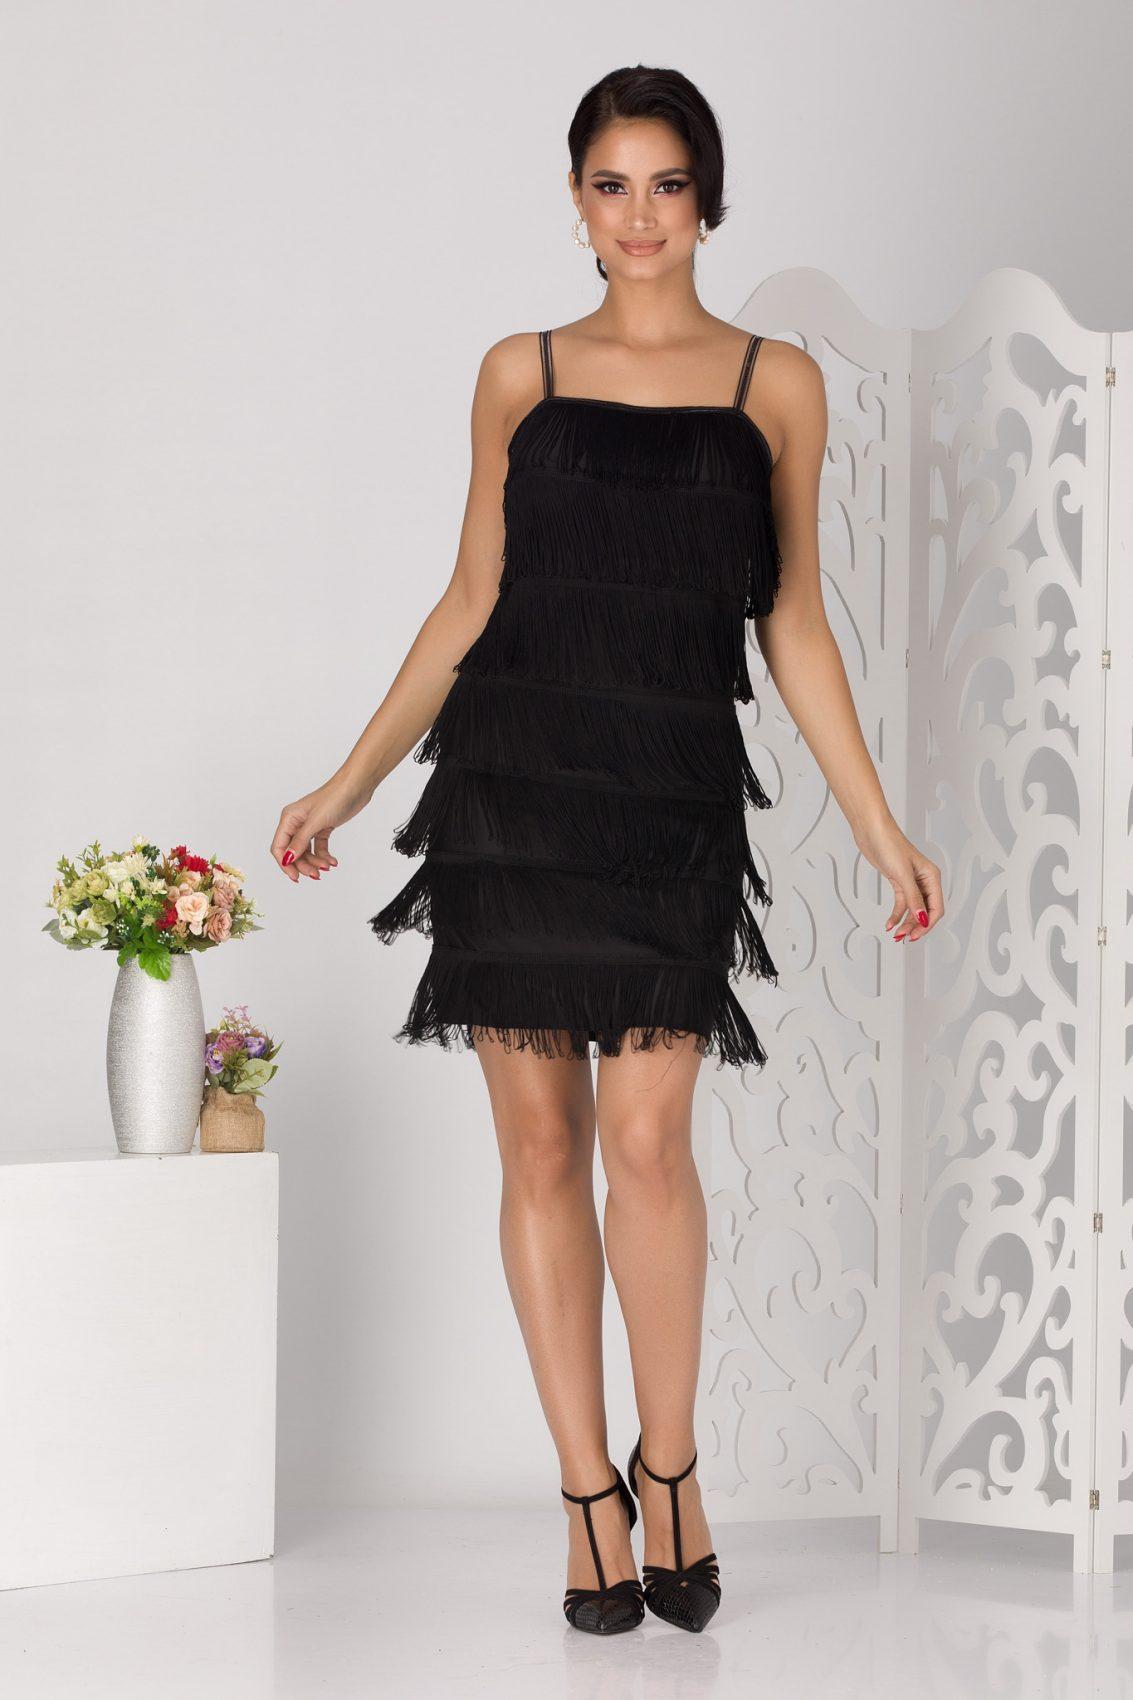 Ritha Black Dress